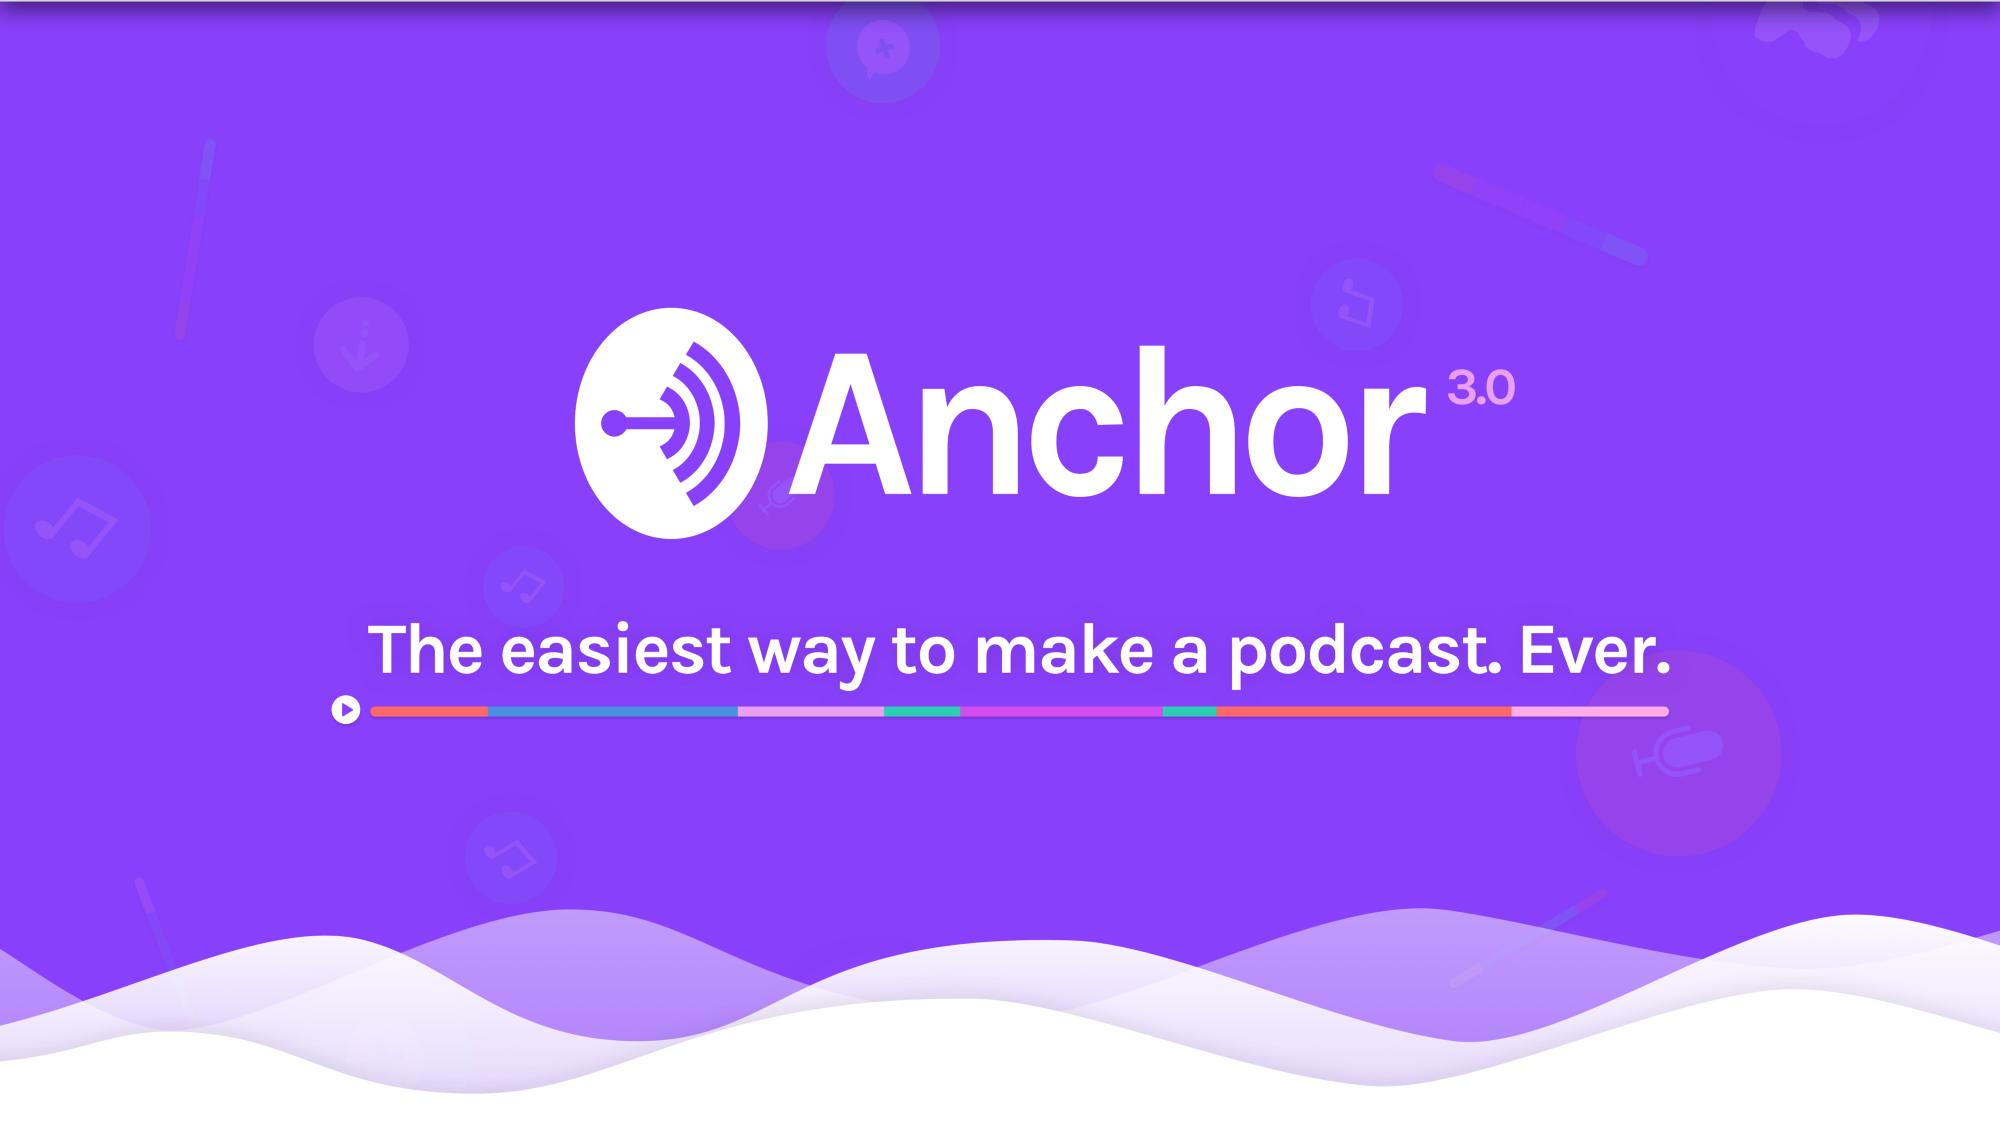 Anchor 3.0